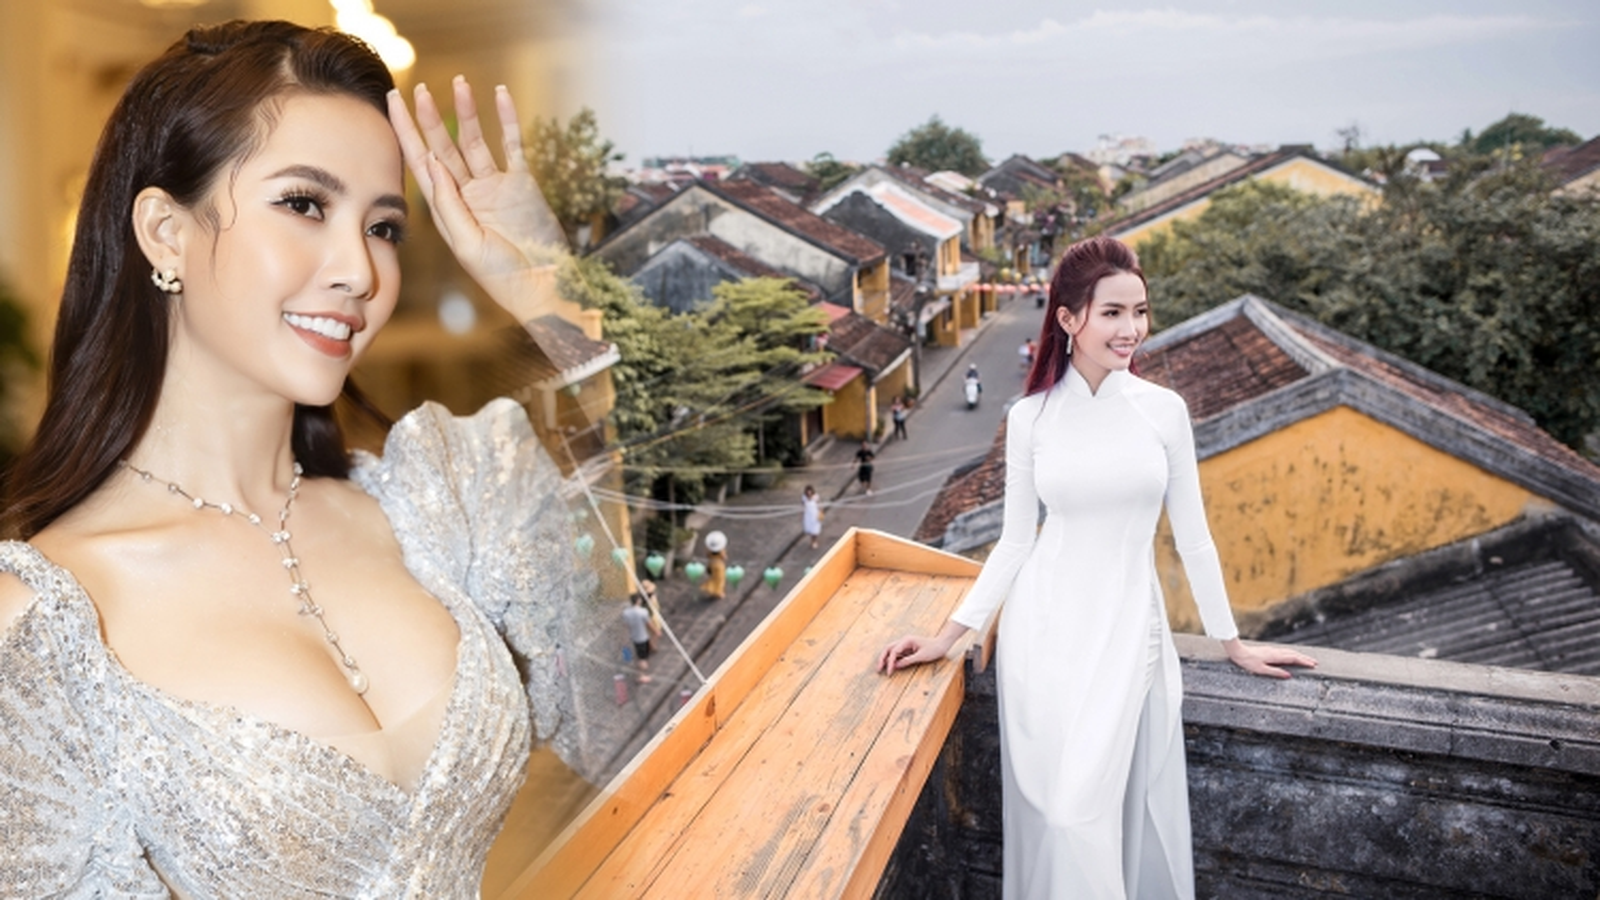 """Hoa hậu Phan Thị Mơ: """"Tôi không sốt ruột chuyện kết hôn dù đã 30 tuổi"""""""